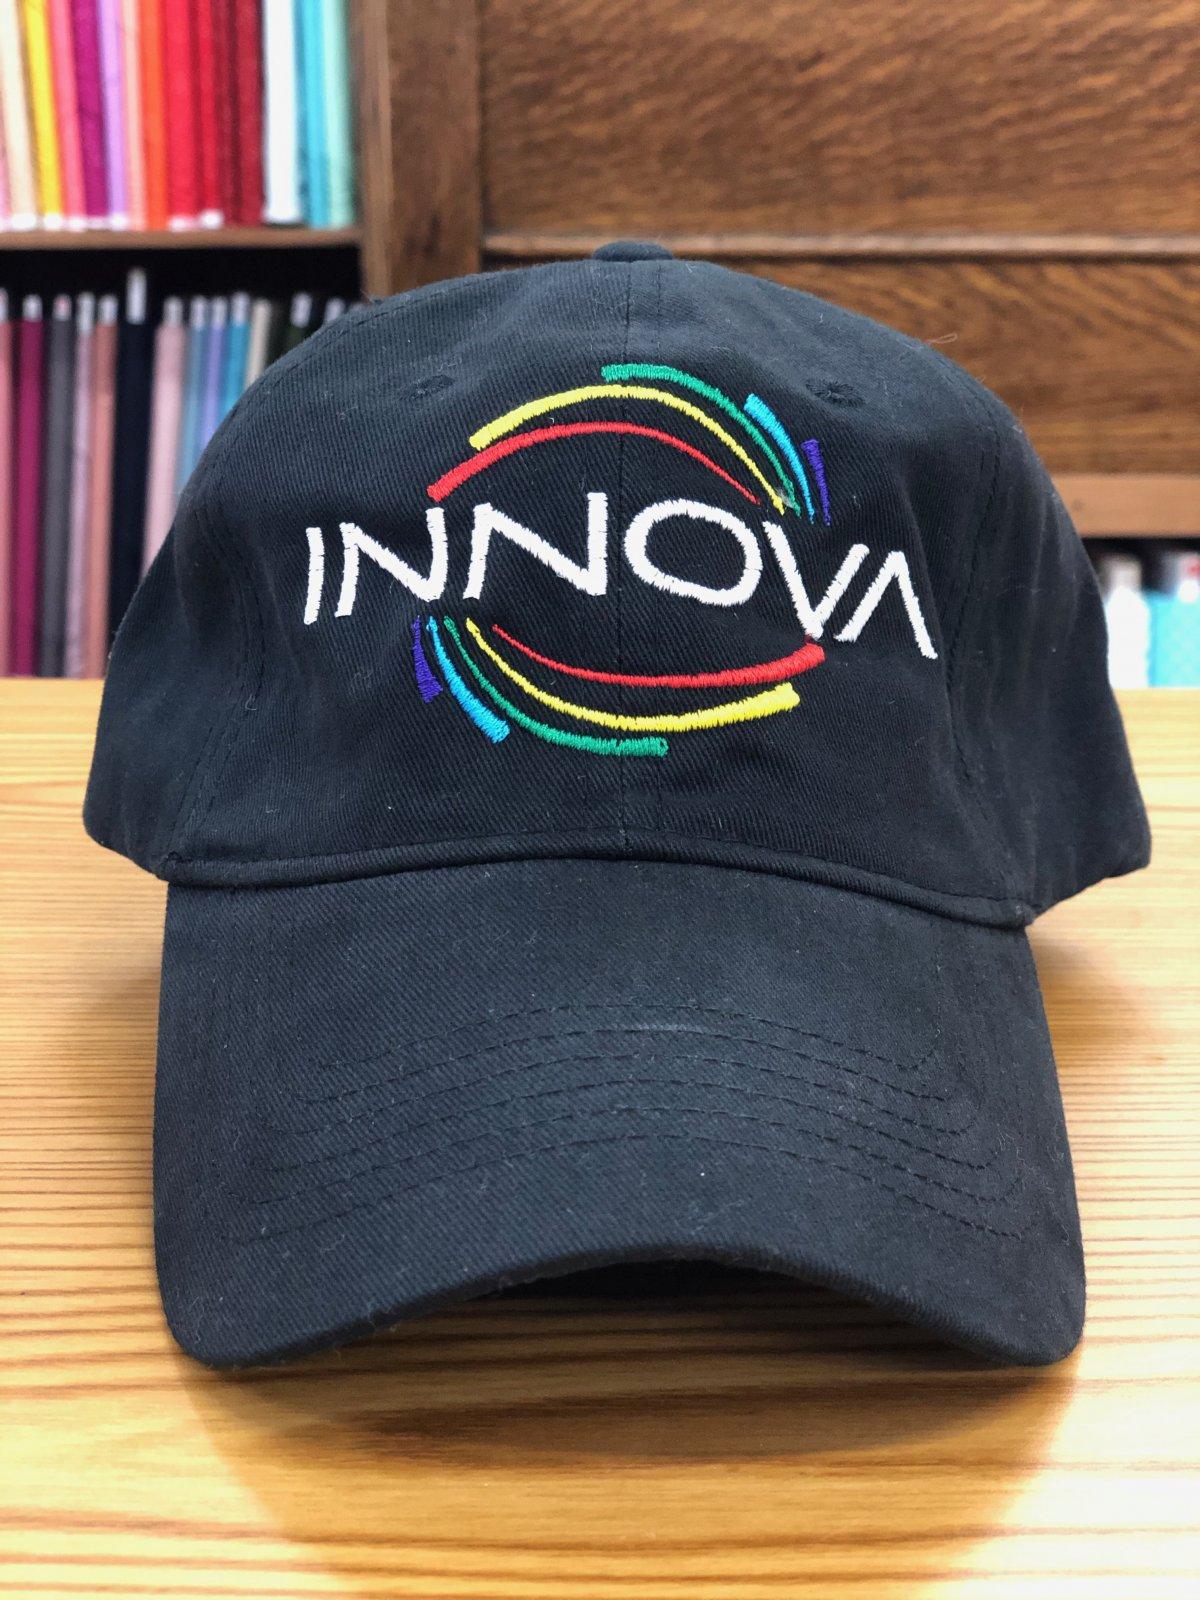 Innova Hat